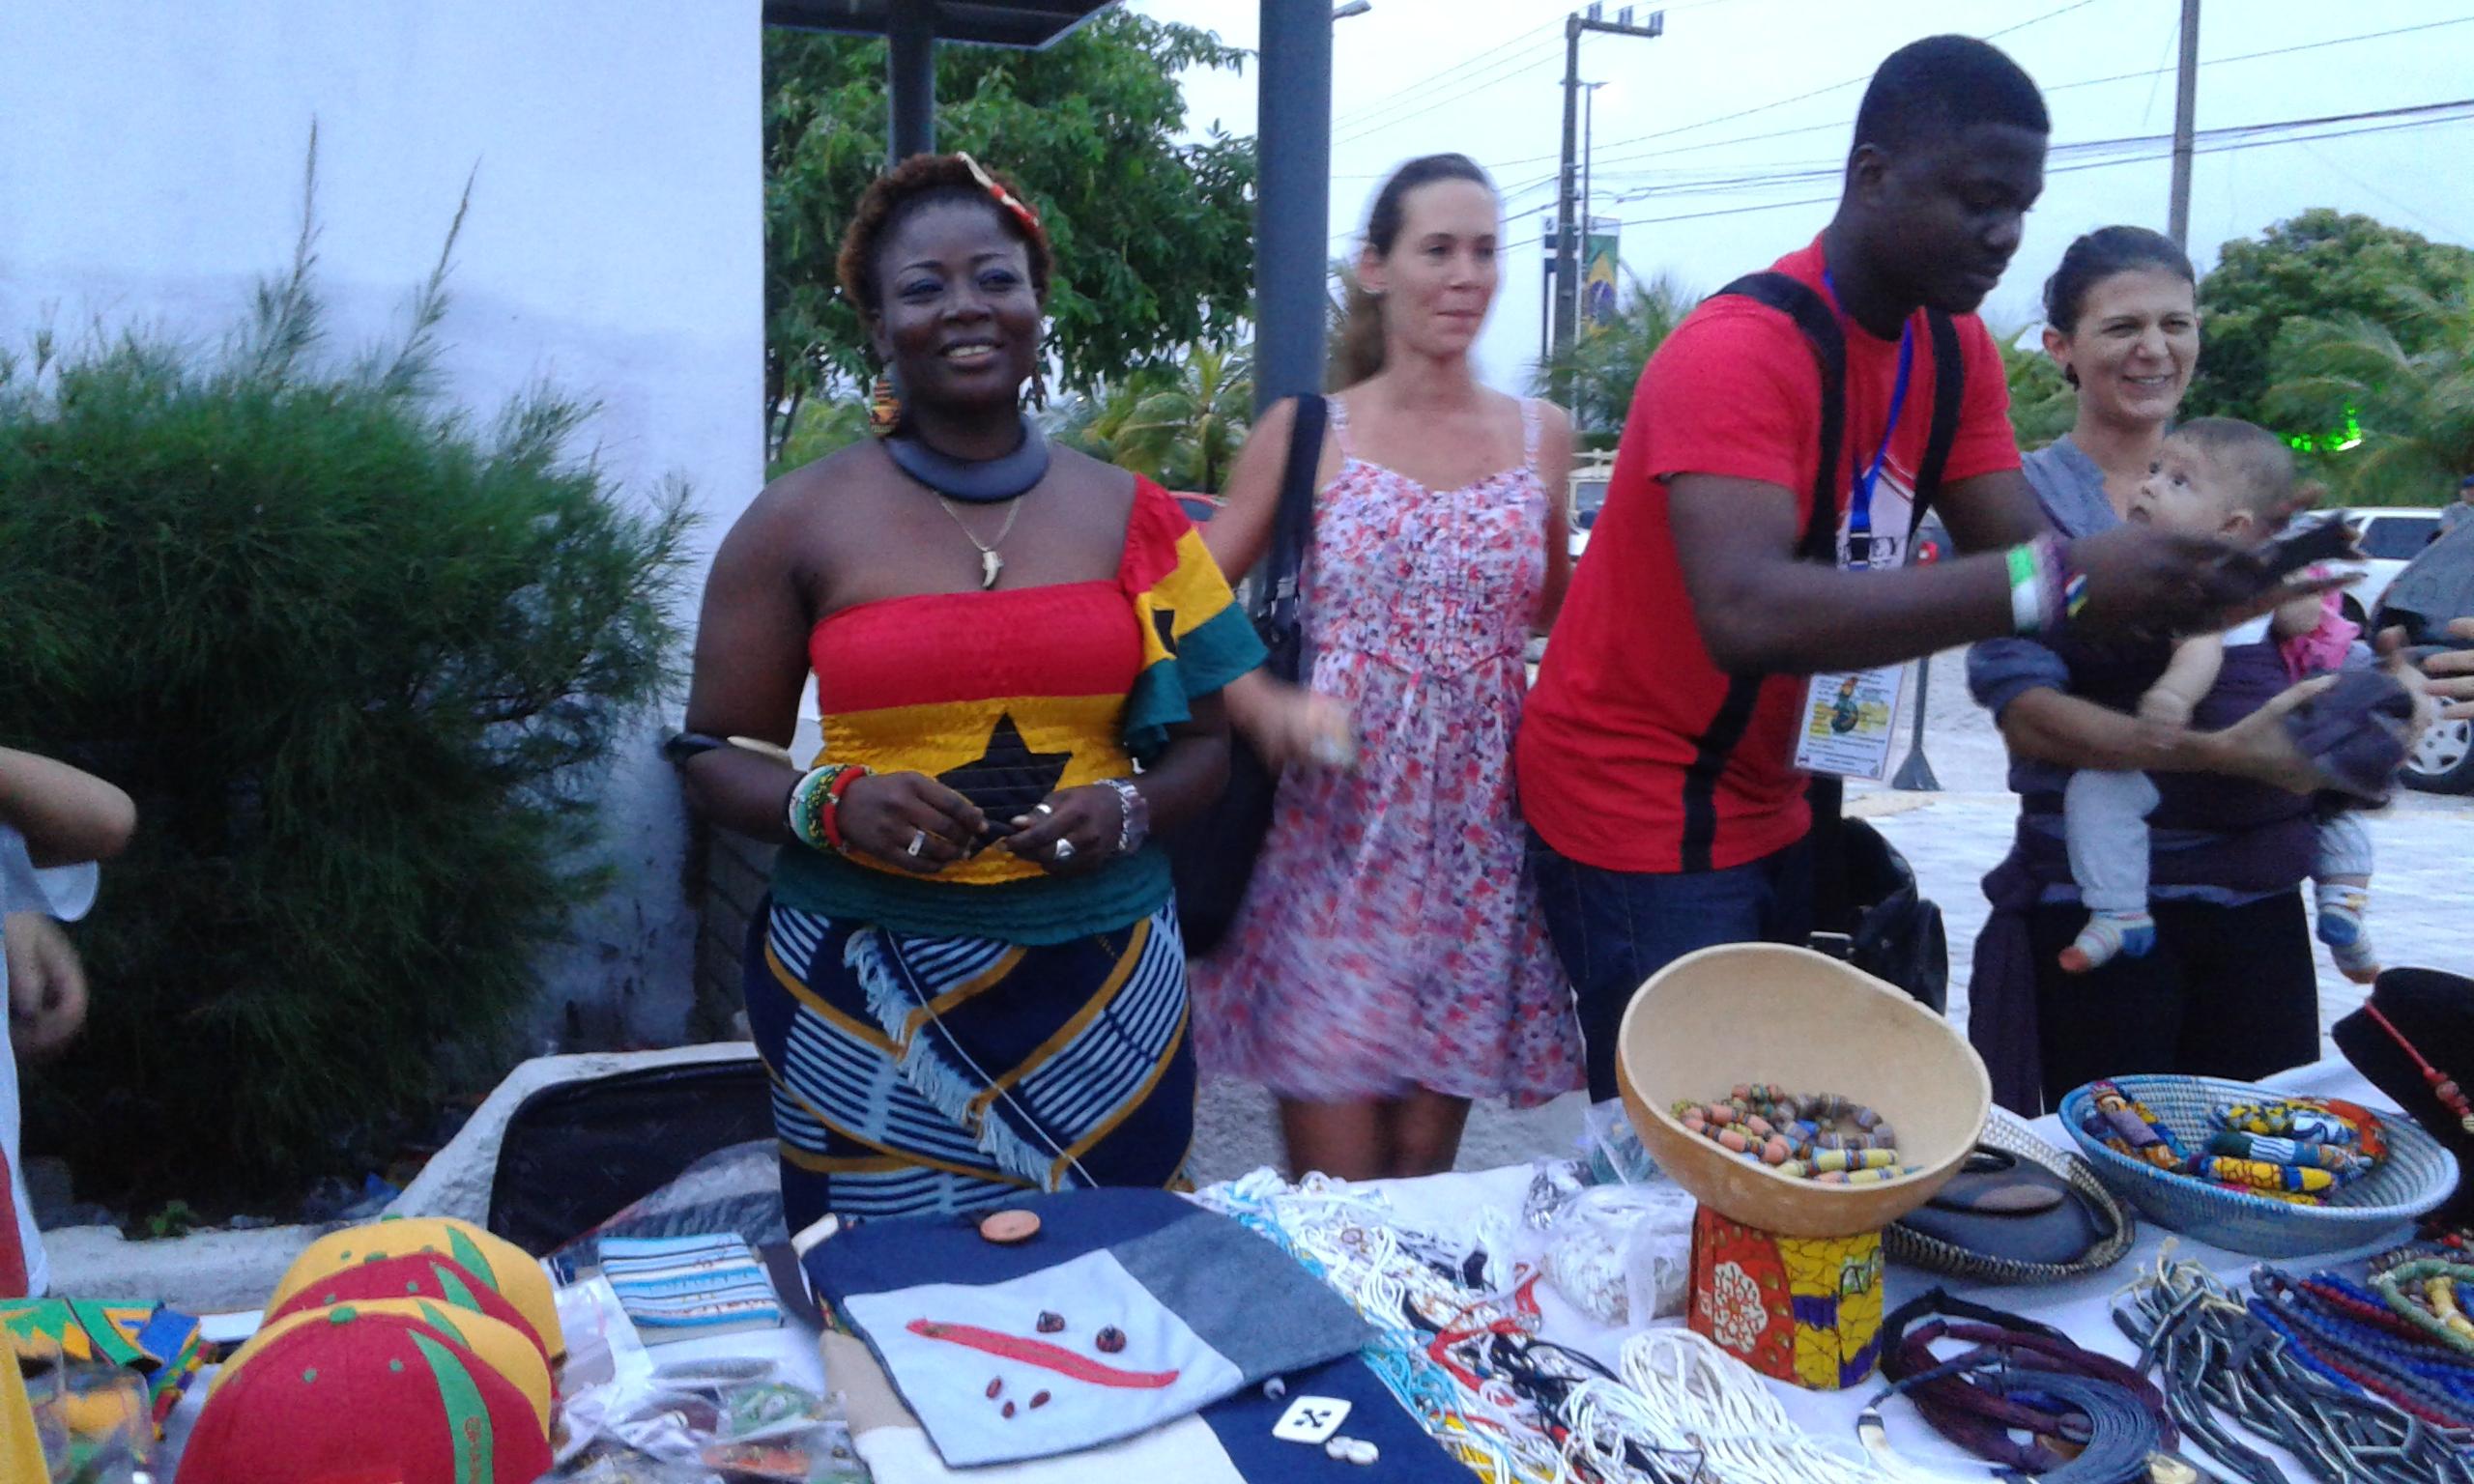 La femme ghanéenne et ses produits durant la foire d'artisanat au Festival Ghana - Brésil à Natal. (Crédit photo: Fabio Santana).